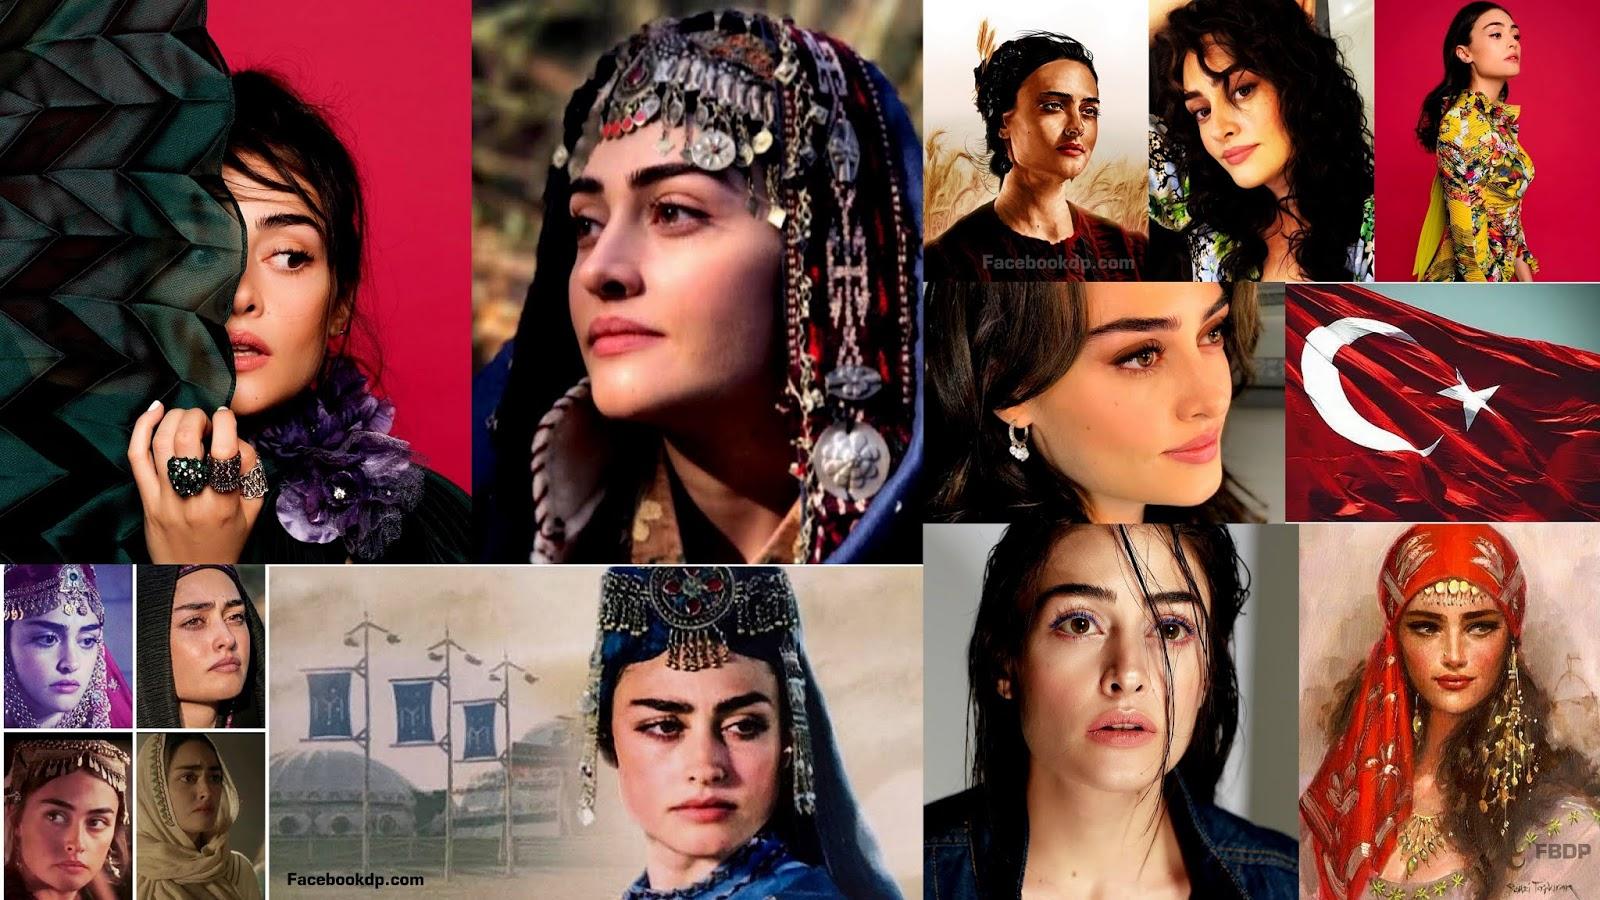 Beautiful Turkish Drama Ertugrul Actress Esra Bilgic Halima Khatun Dp Facebook Display Pictures